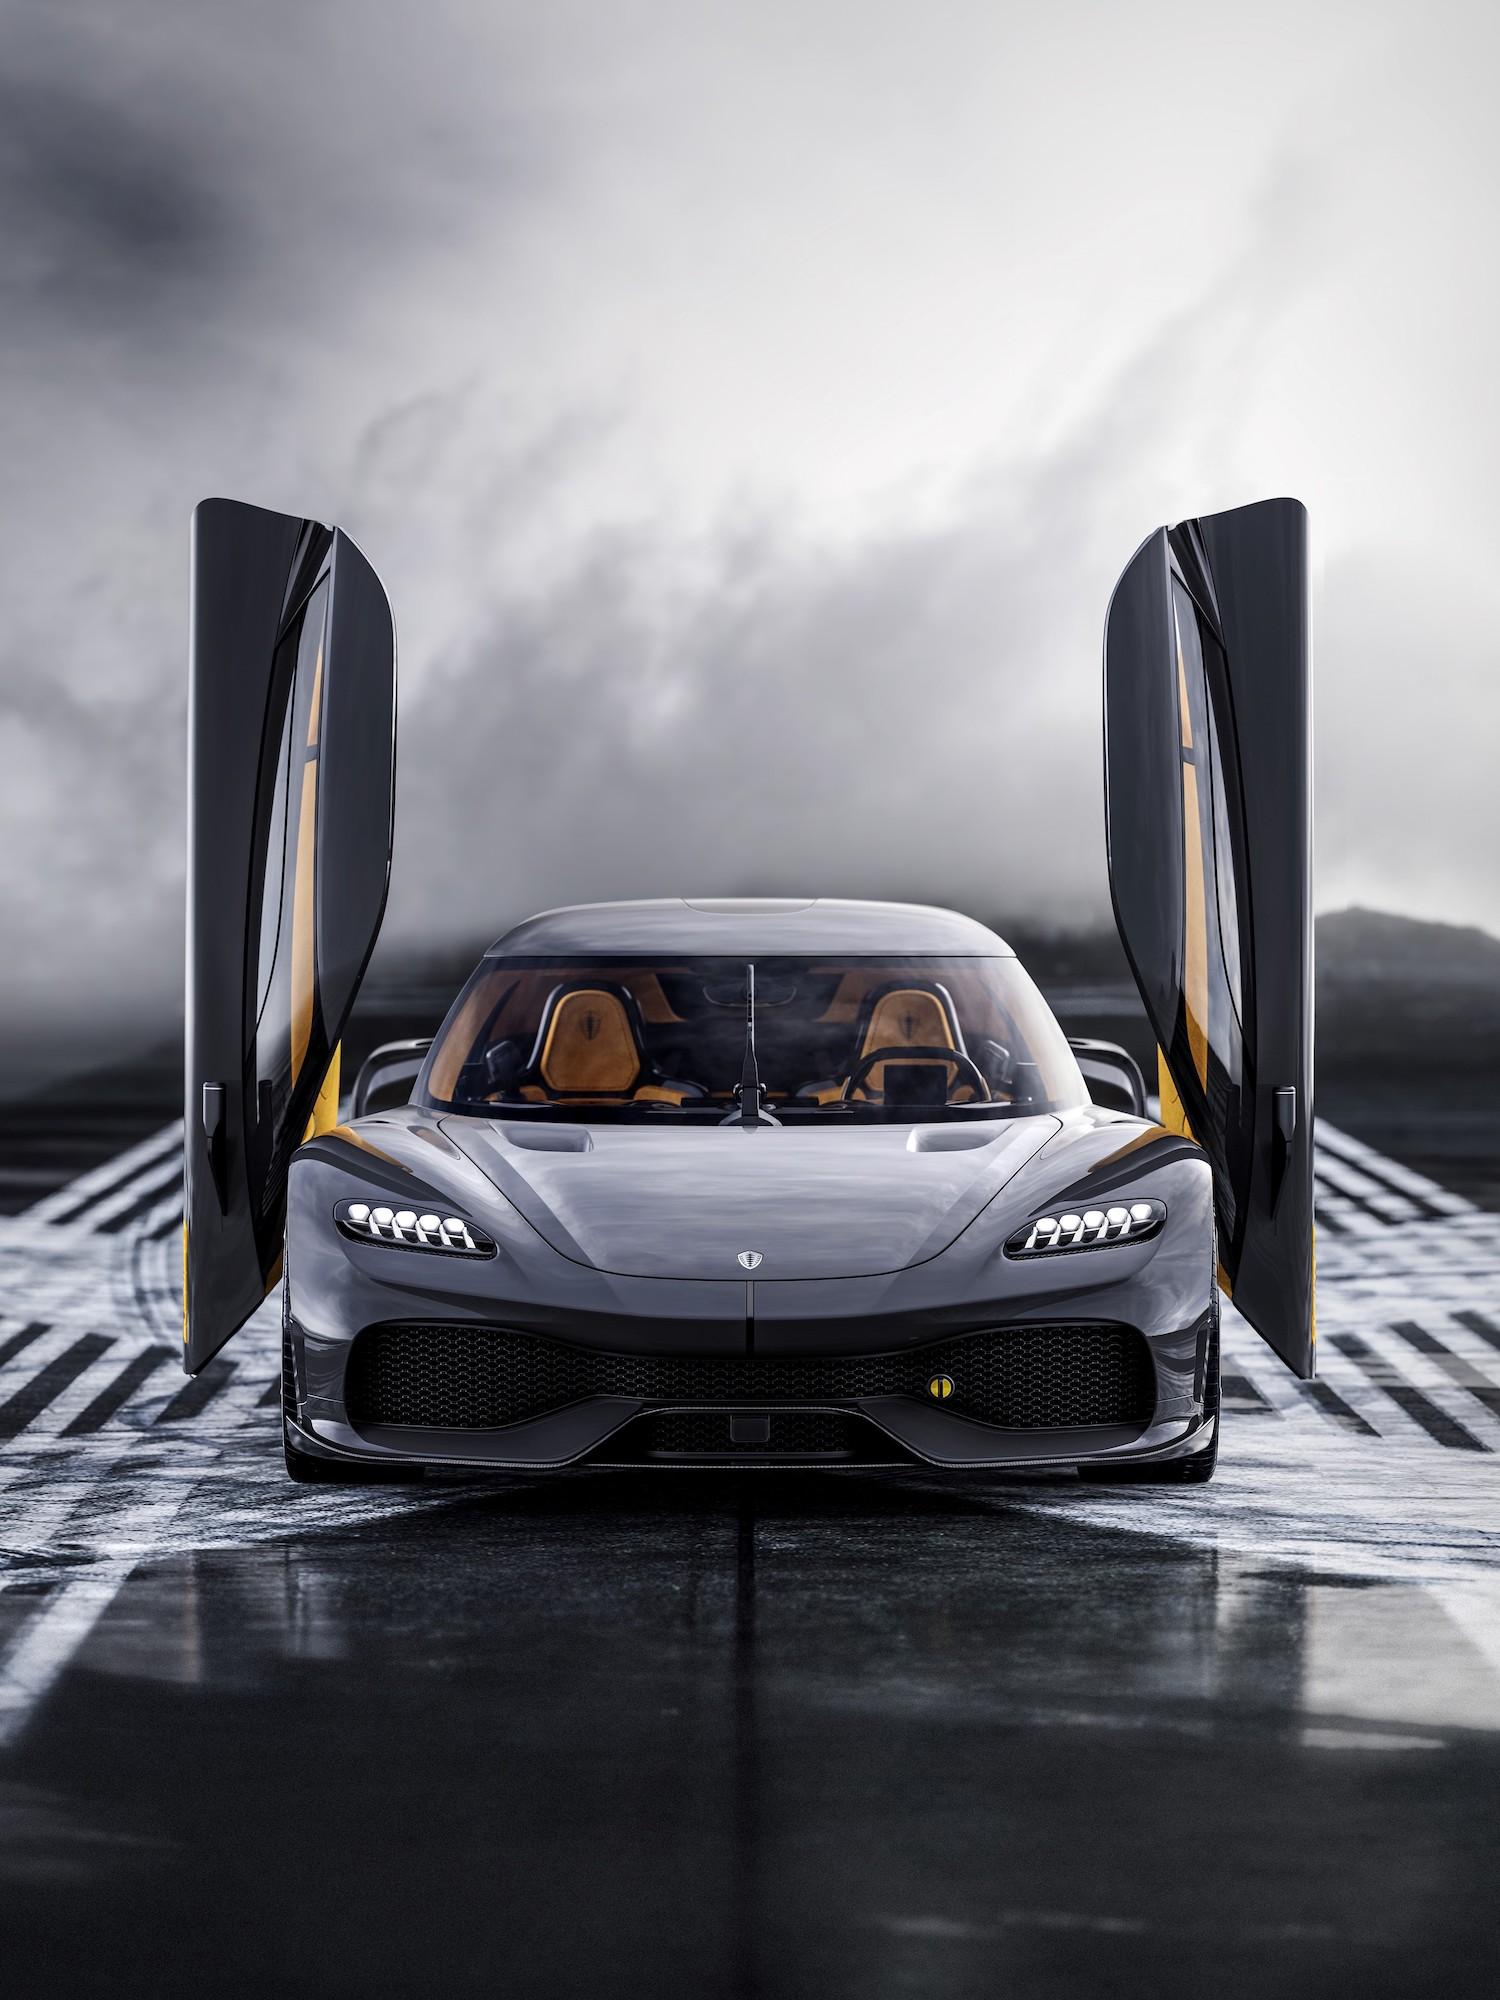 Koenigsegg gemera front doors open